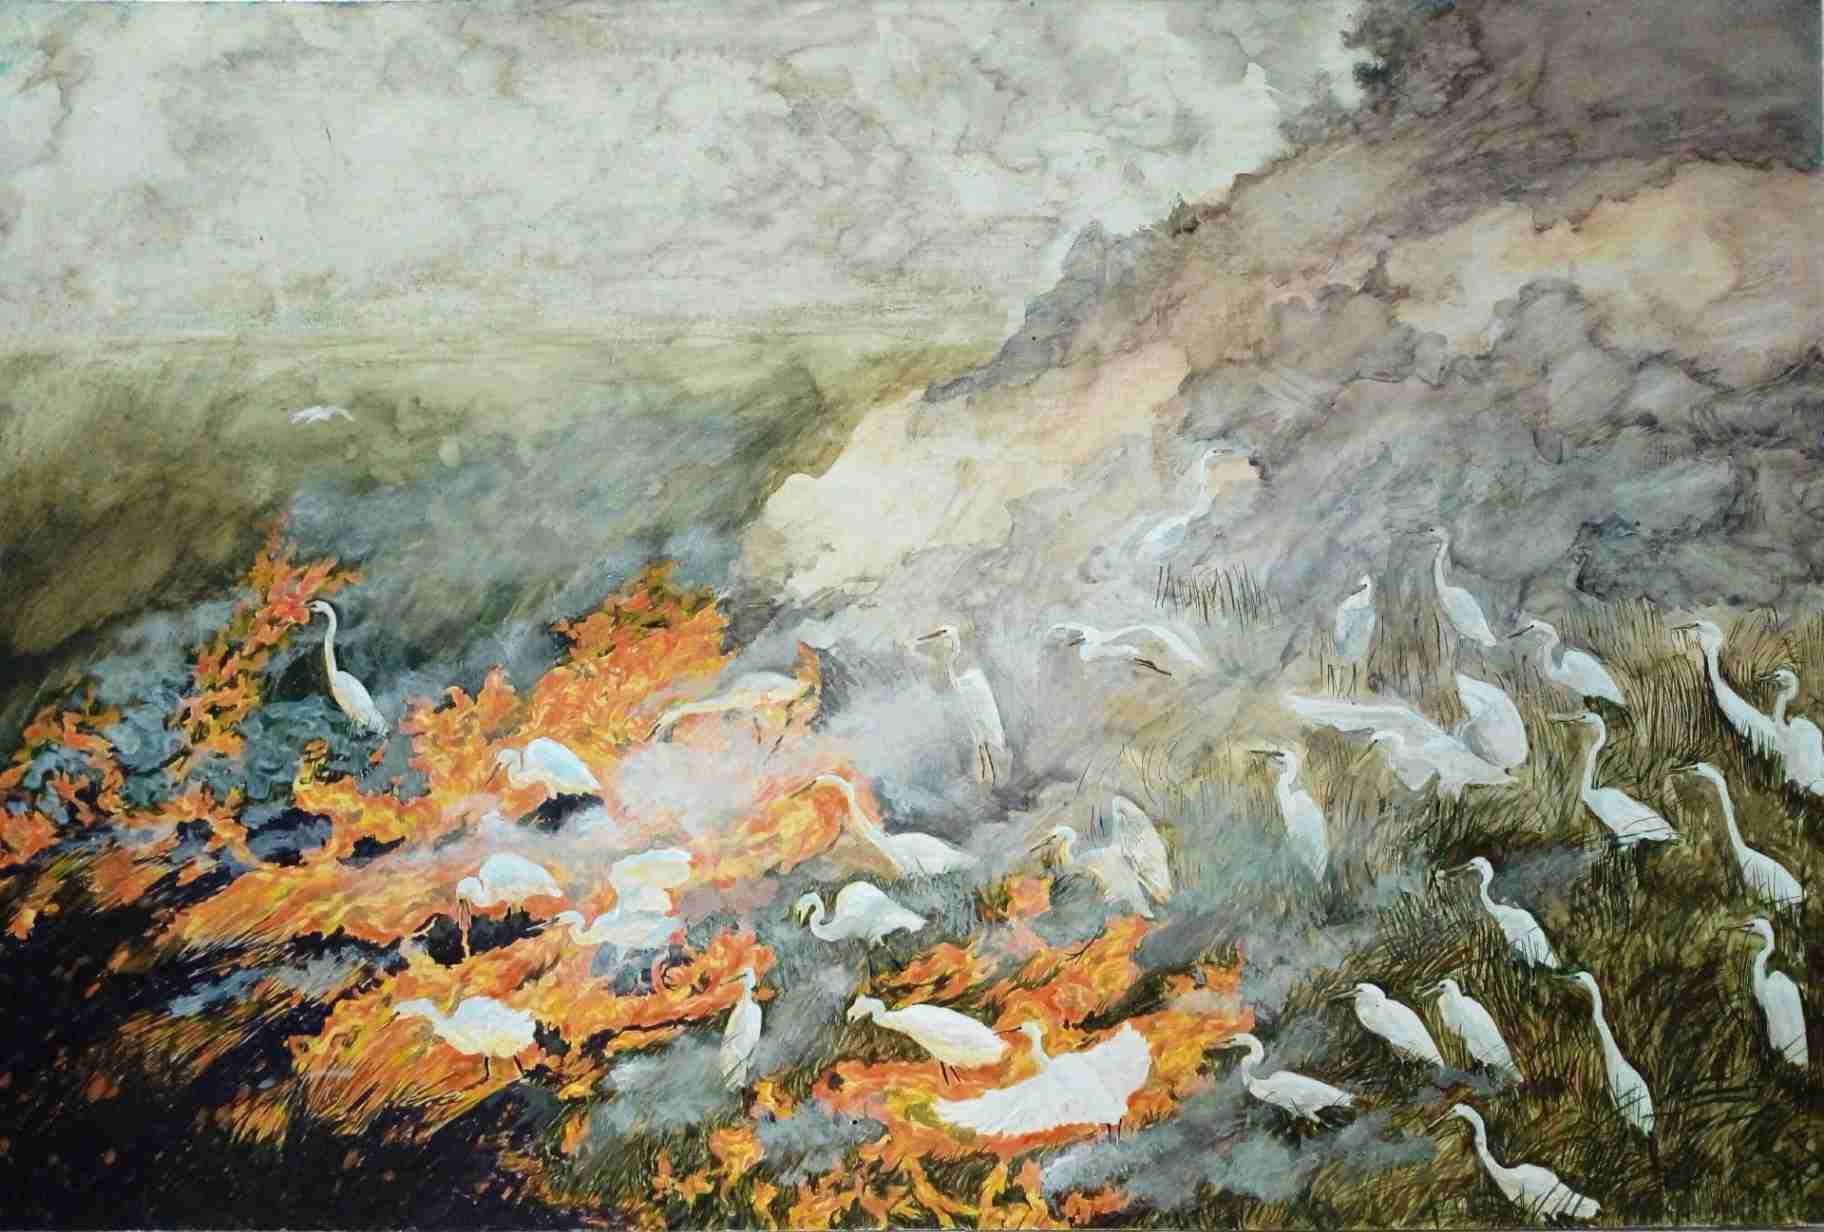 Obra: Las garzas traen la candela